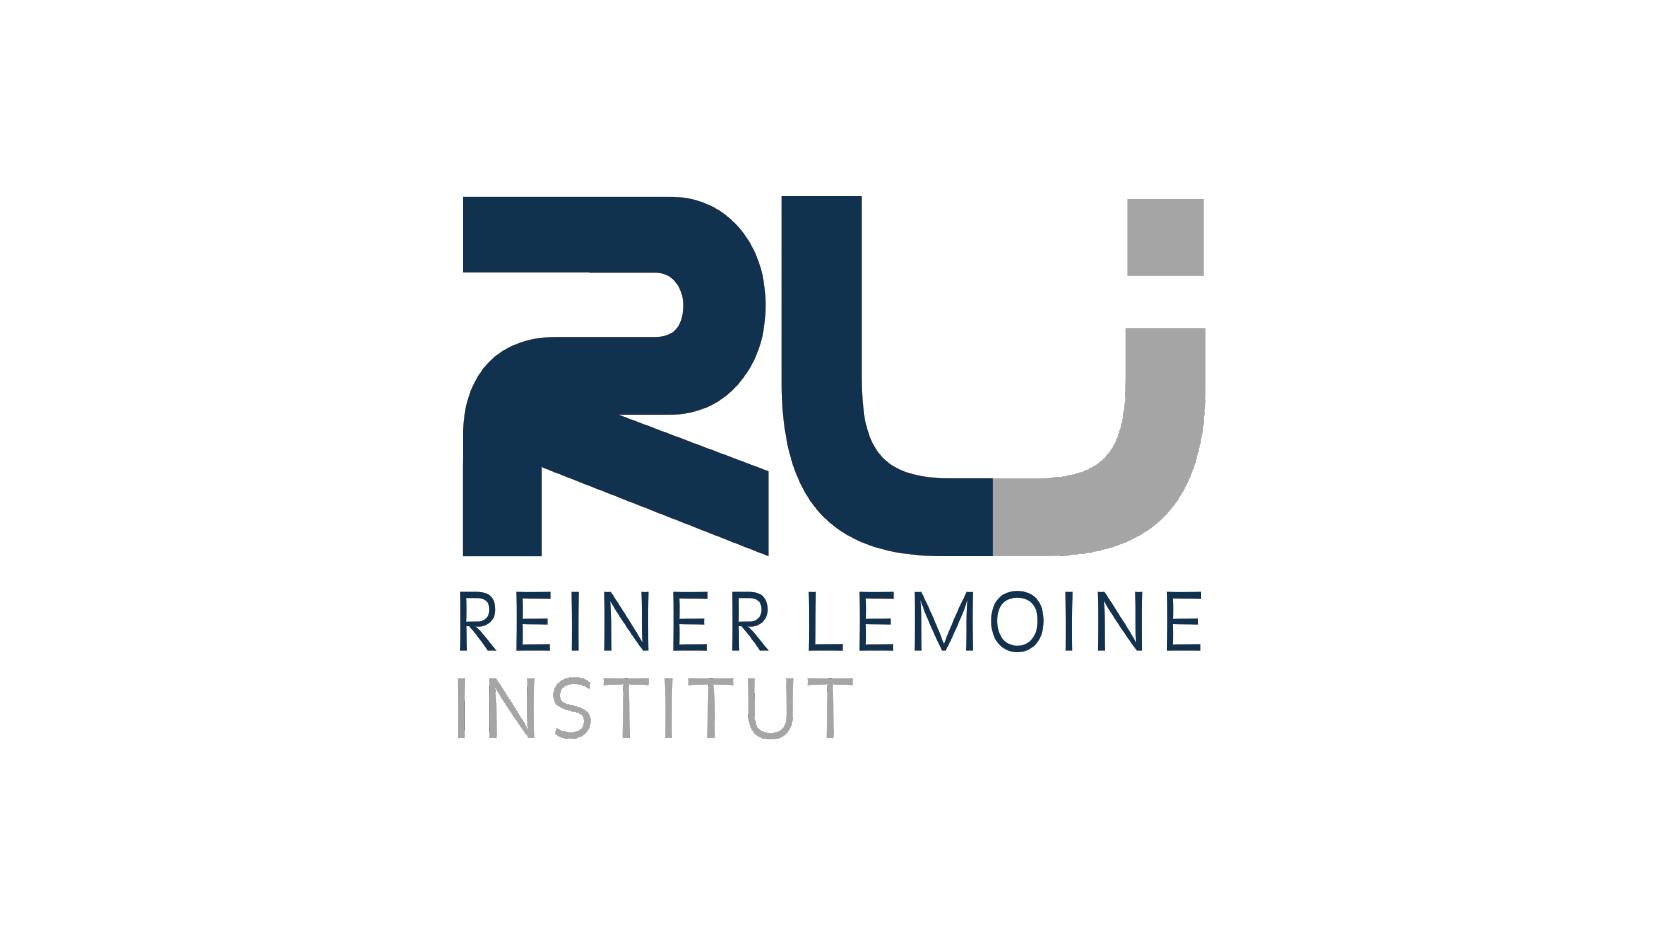 Reiner Lemoine Institute